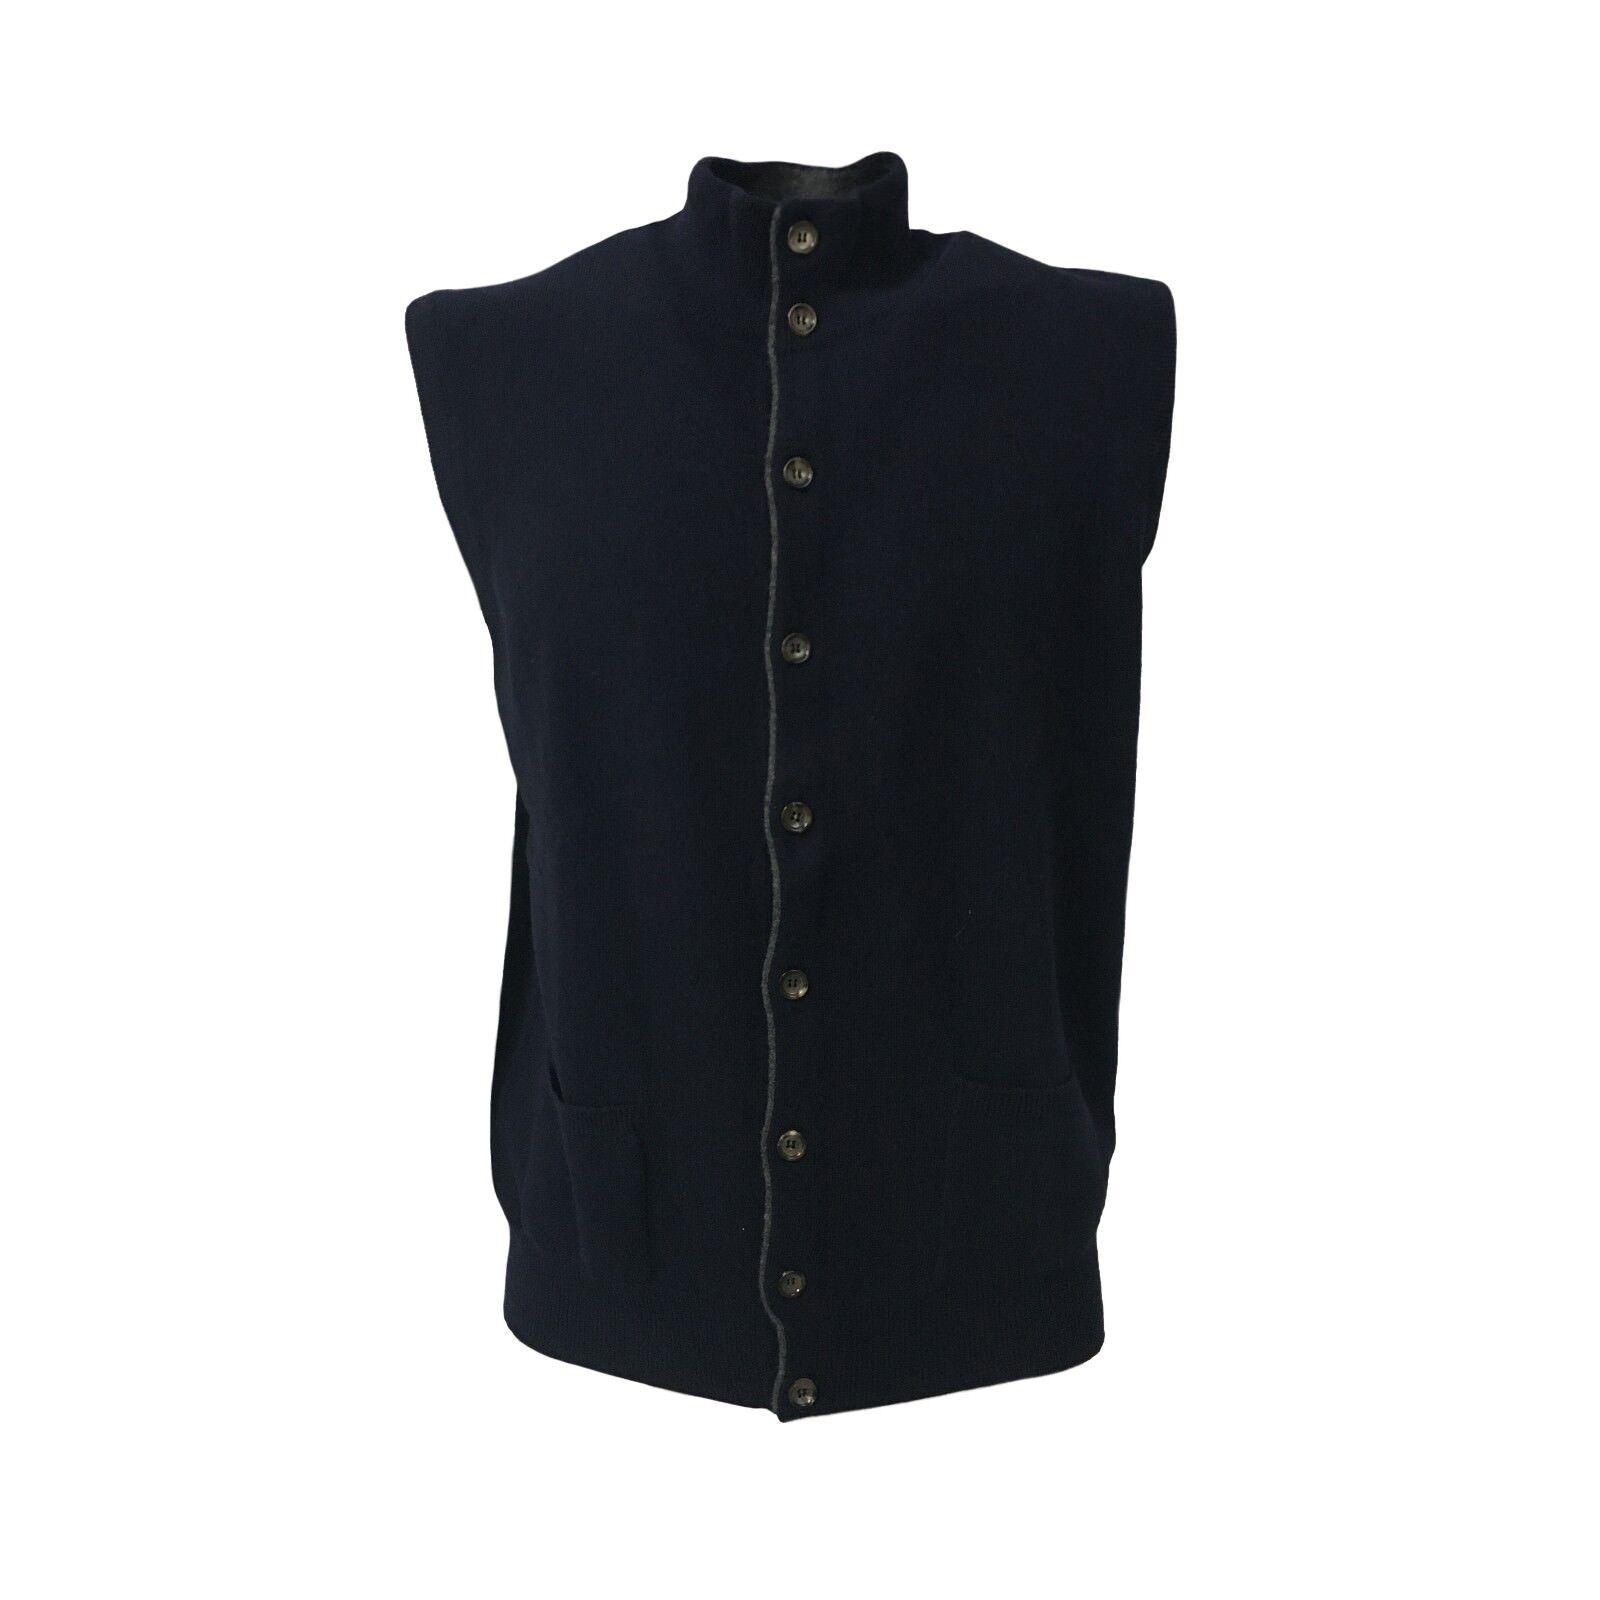 DELLA CIANA gilet uomo blu profili grigio 80% lana 20% cashmere MADE IN ITALY